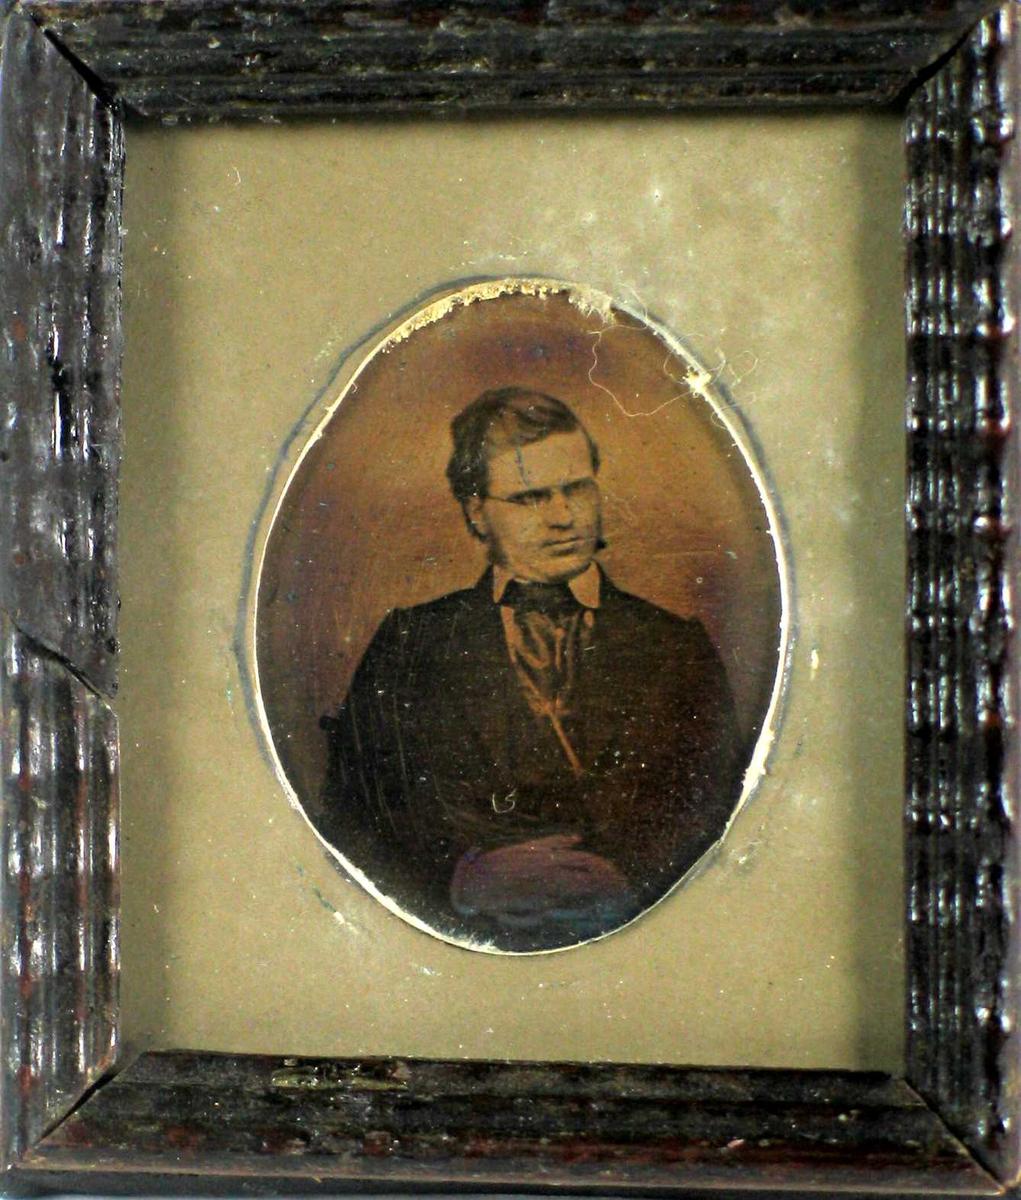 Portrett i gammel fotografiteknikk, trolig ambrotypi. Bildet har grå oval passepartout og mørk brun profilert treramme.